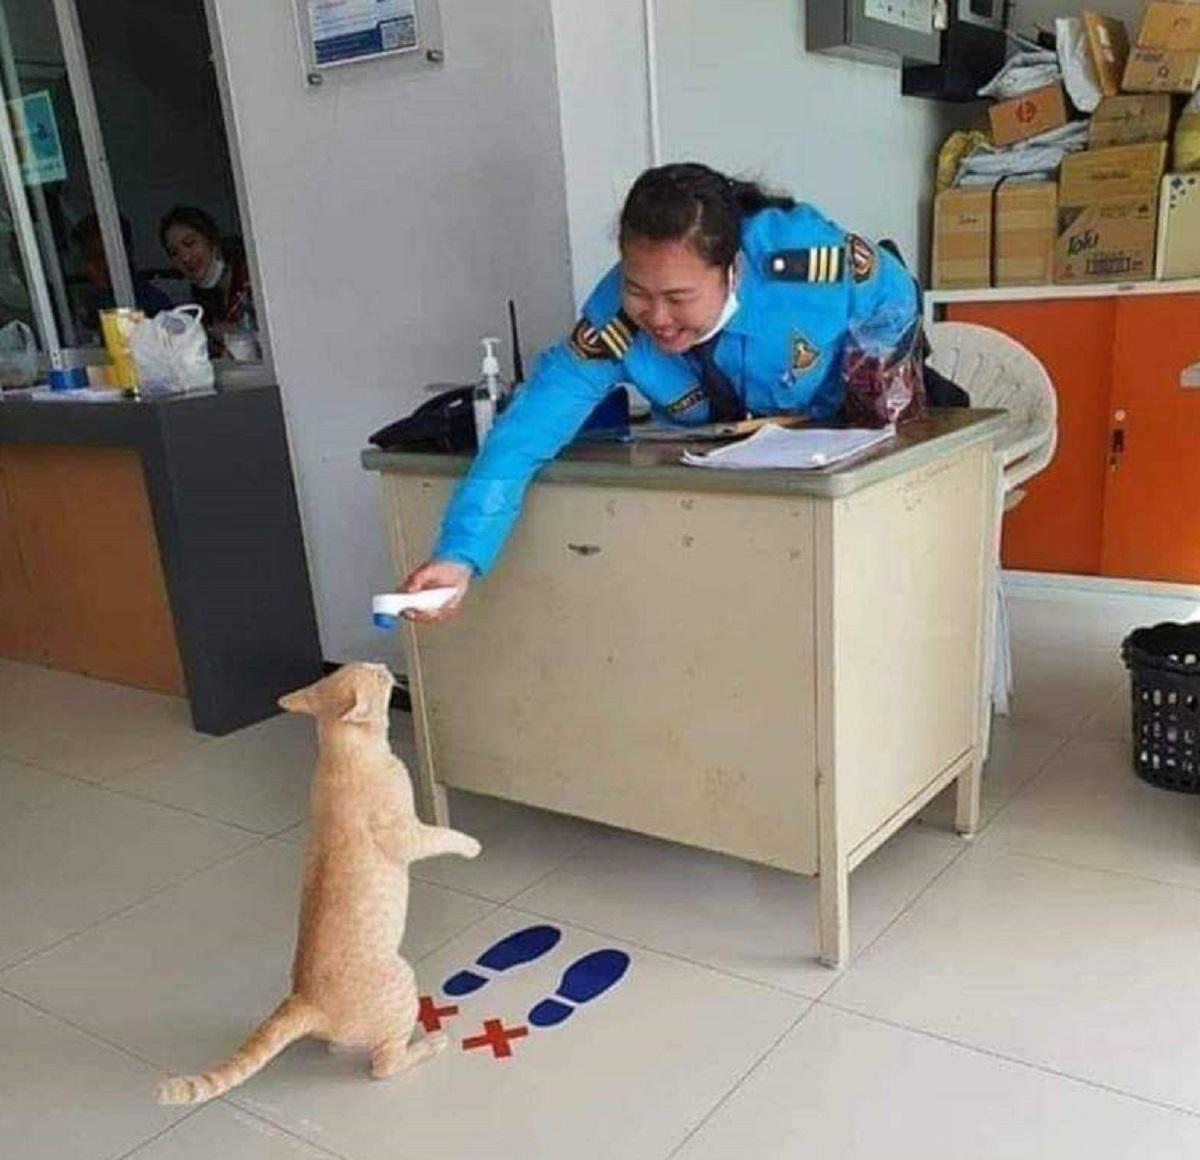 EkN2 ywU0AAkxib - 12 fotos de GATOS em situações hilárias para deixar seu dia mais alegre!